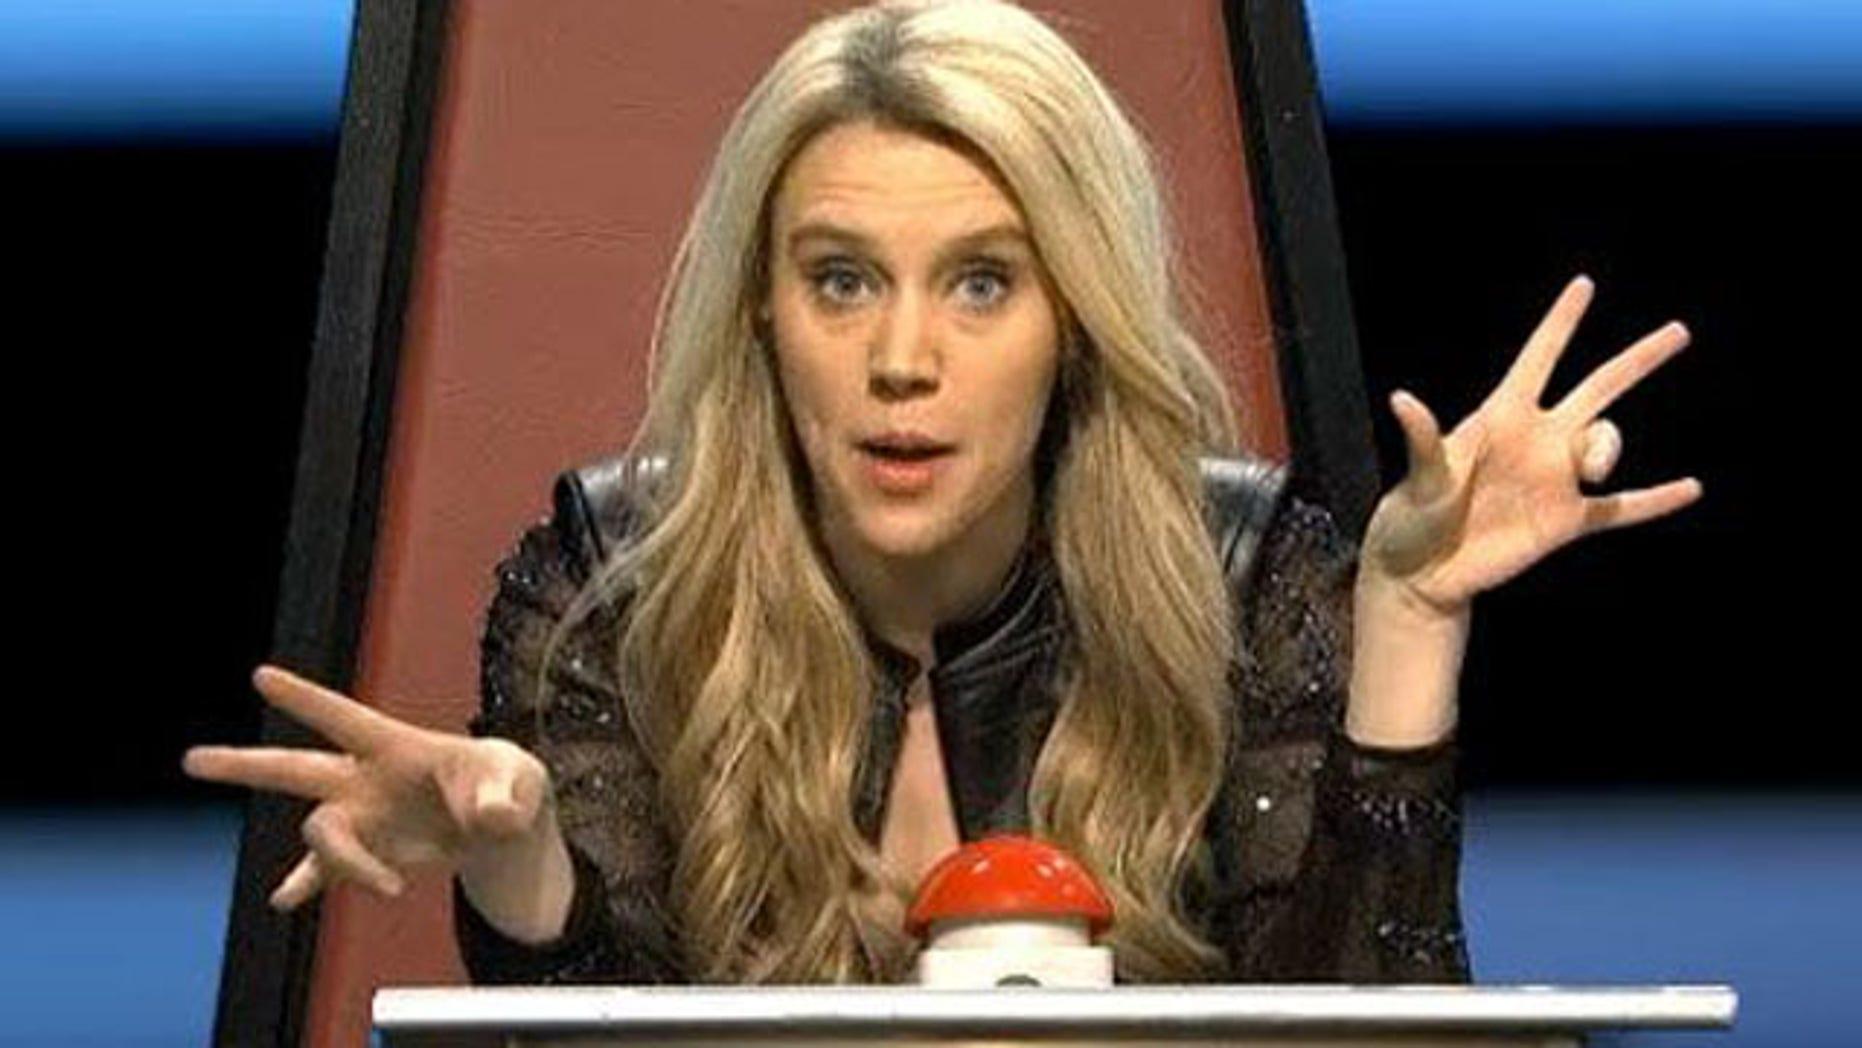 Kate McKinnon as Shakira on SNL